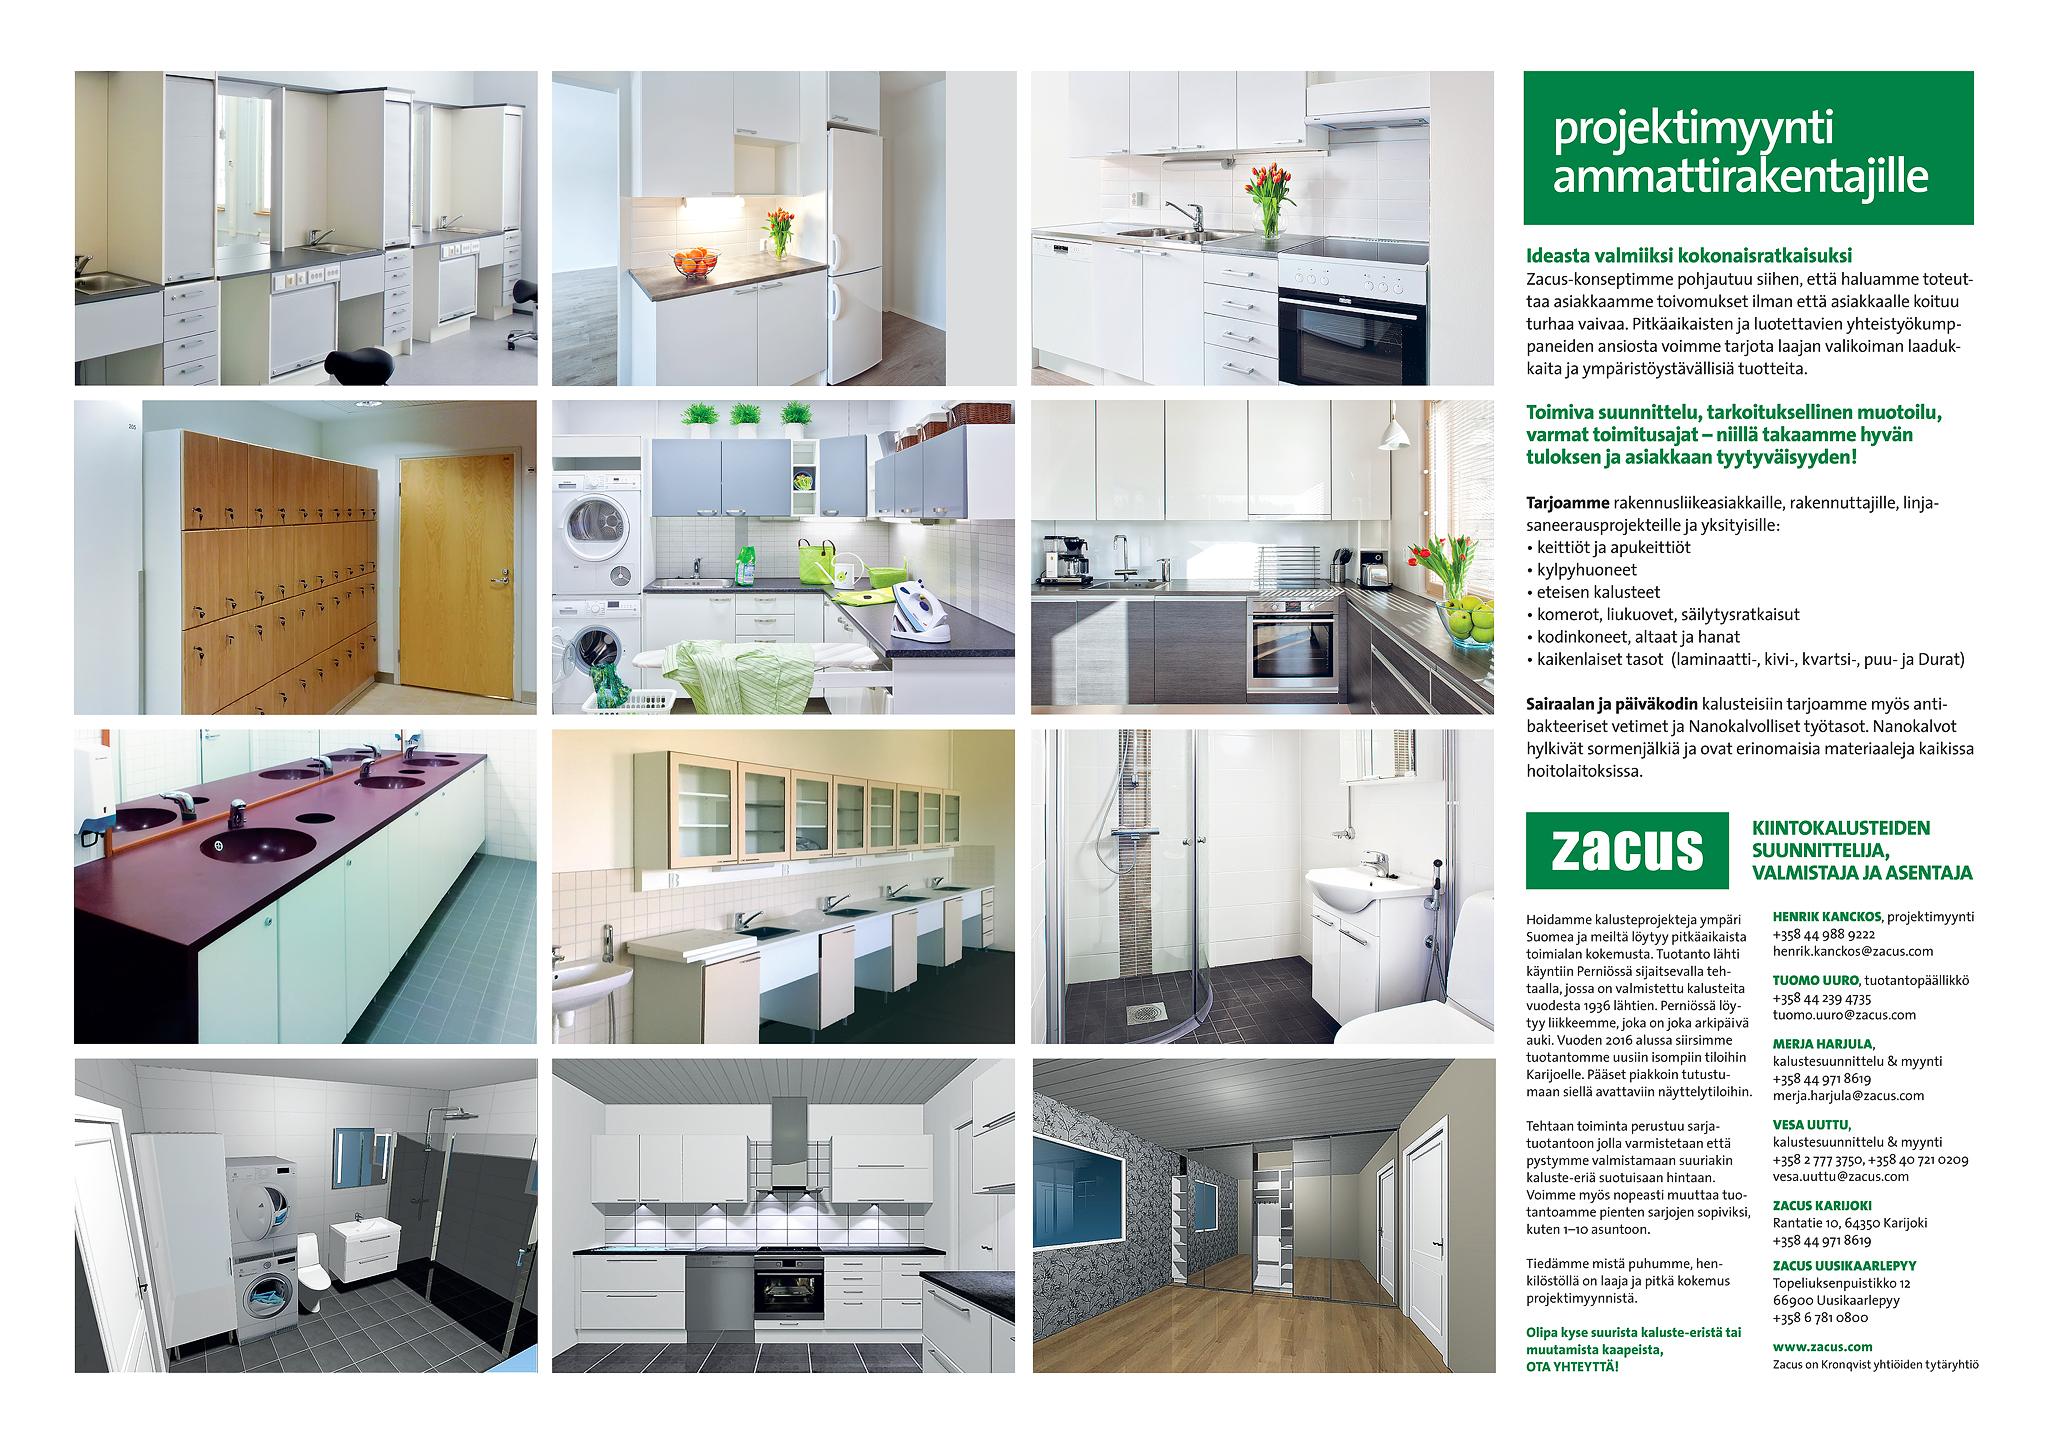 zacus, esite, keittiö, kotikaluste, kylpyhuone, projektimyynti » Zacus Ab Oy